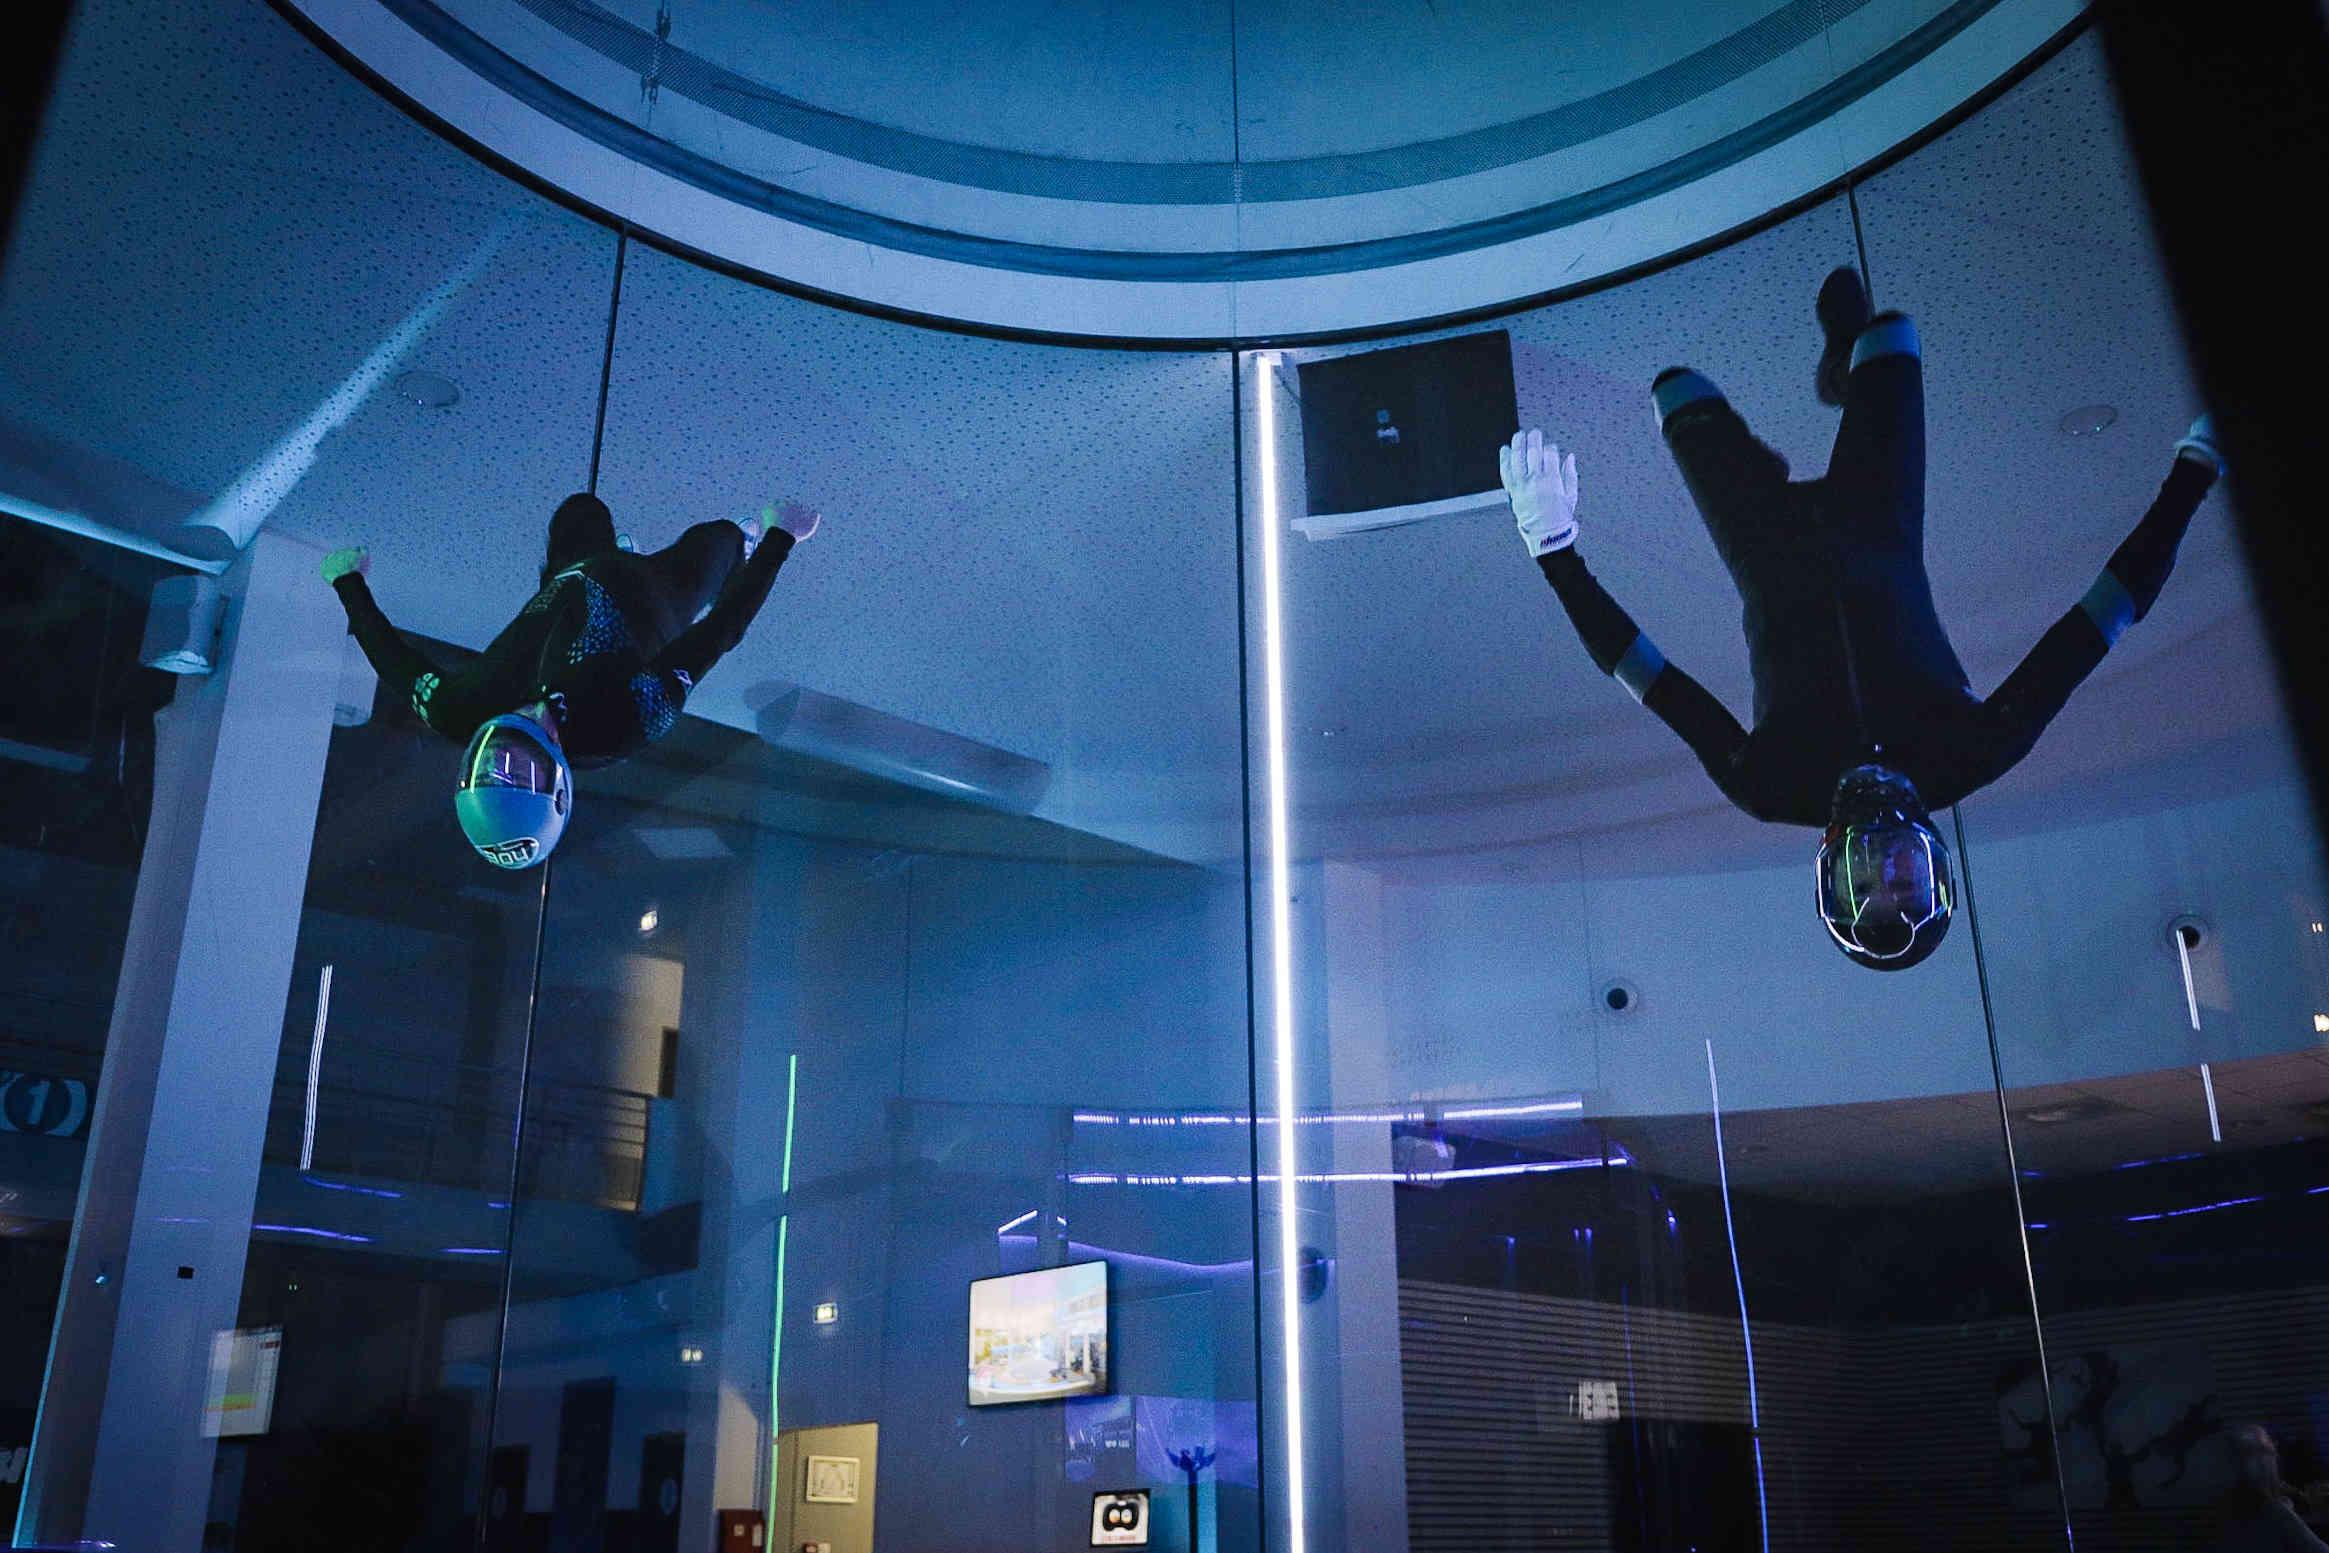 lionel barret instructeur en soufflerie chute libre en indoor - Brienne Aube Parachutisme centre de saut en parachute proche de Paris